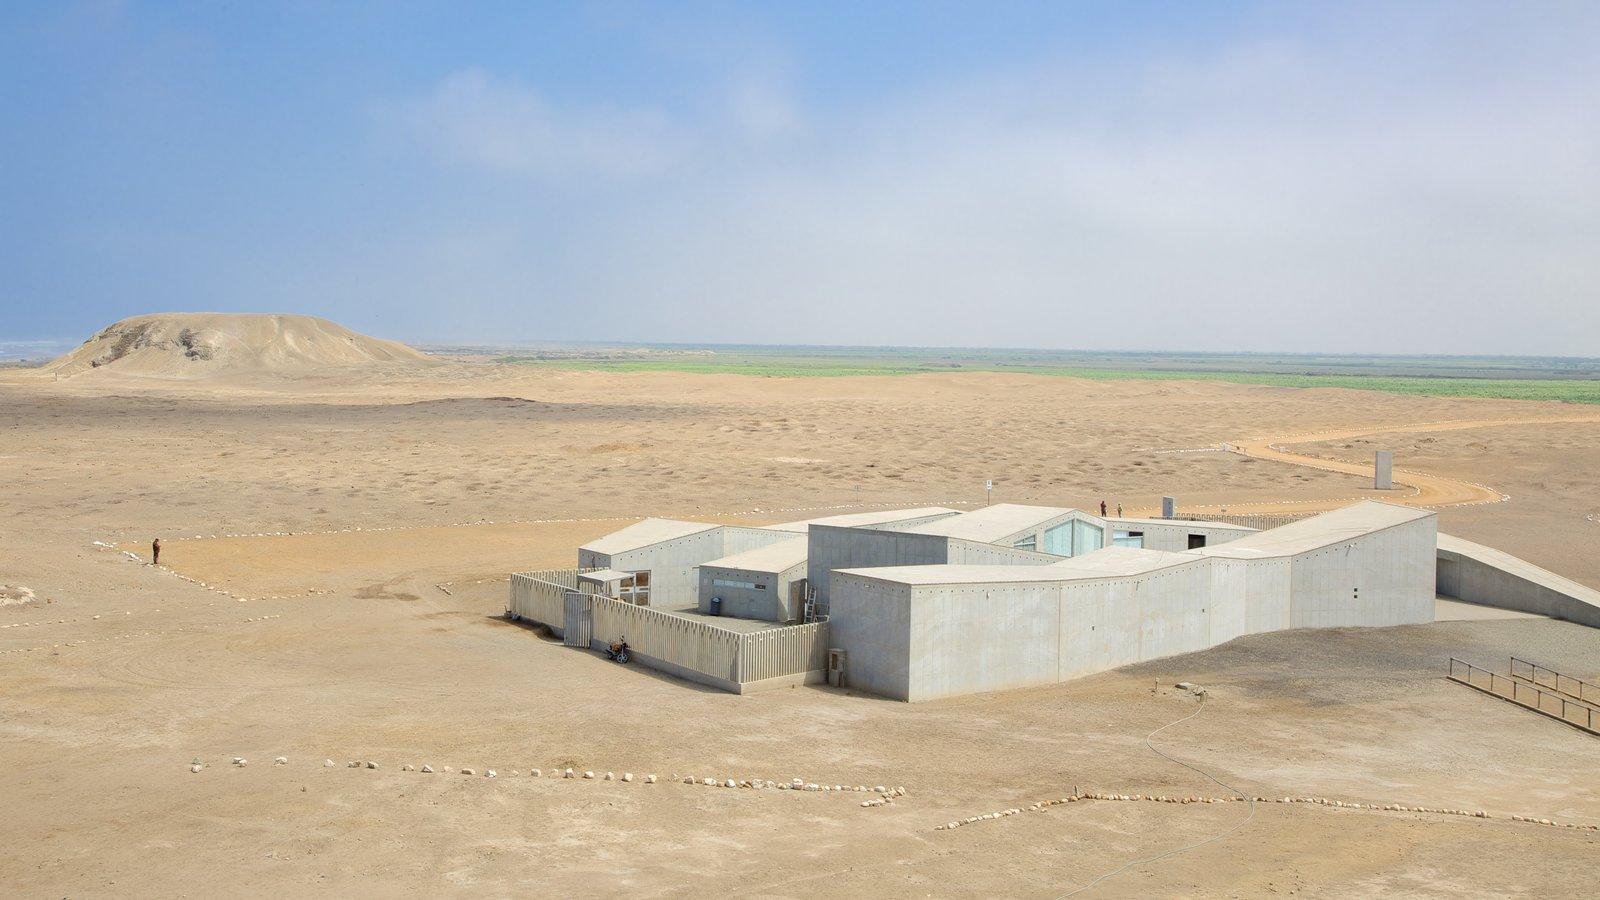 El Brujo mostrando paisagens do deserto, paisagem e cenas tranquilas